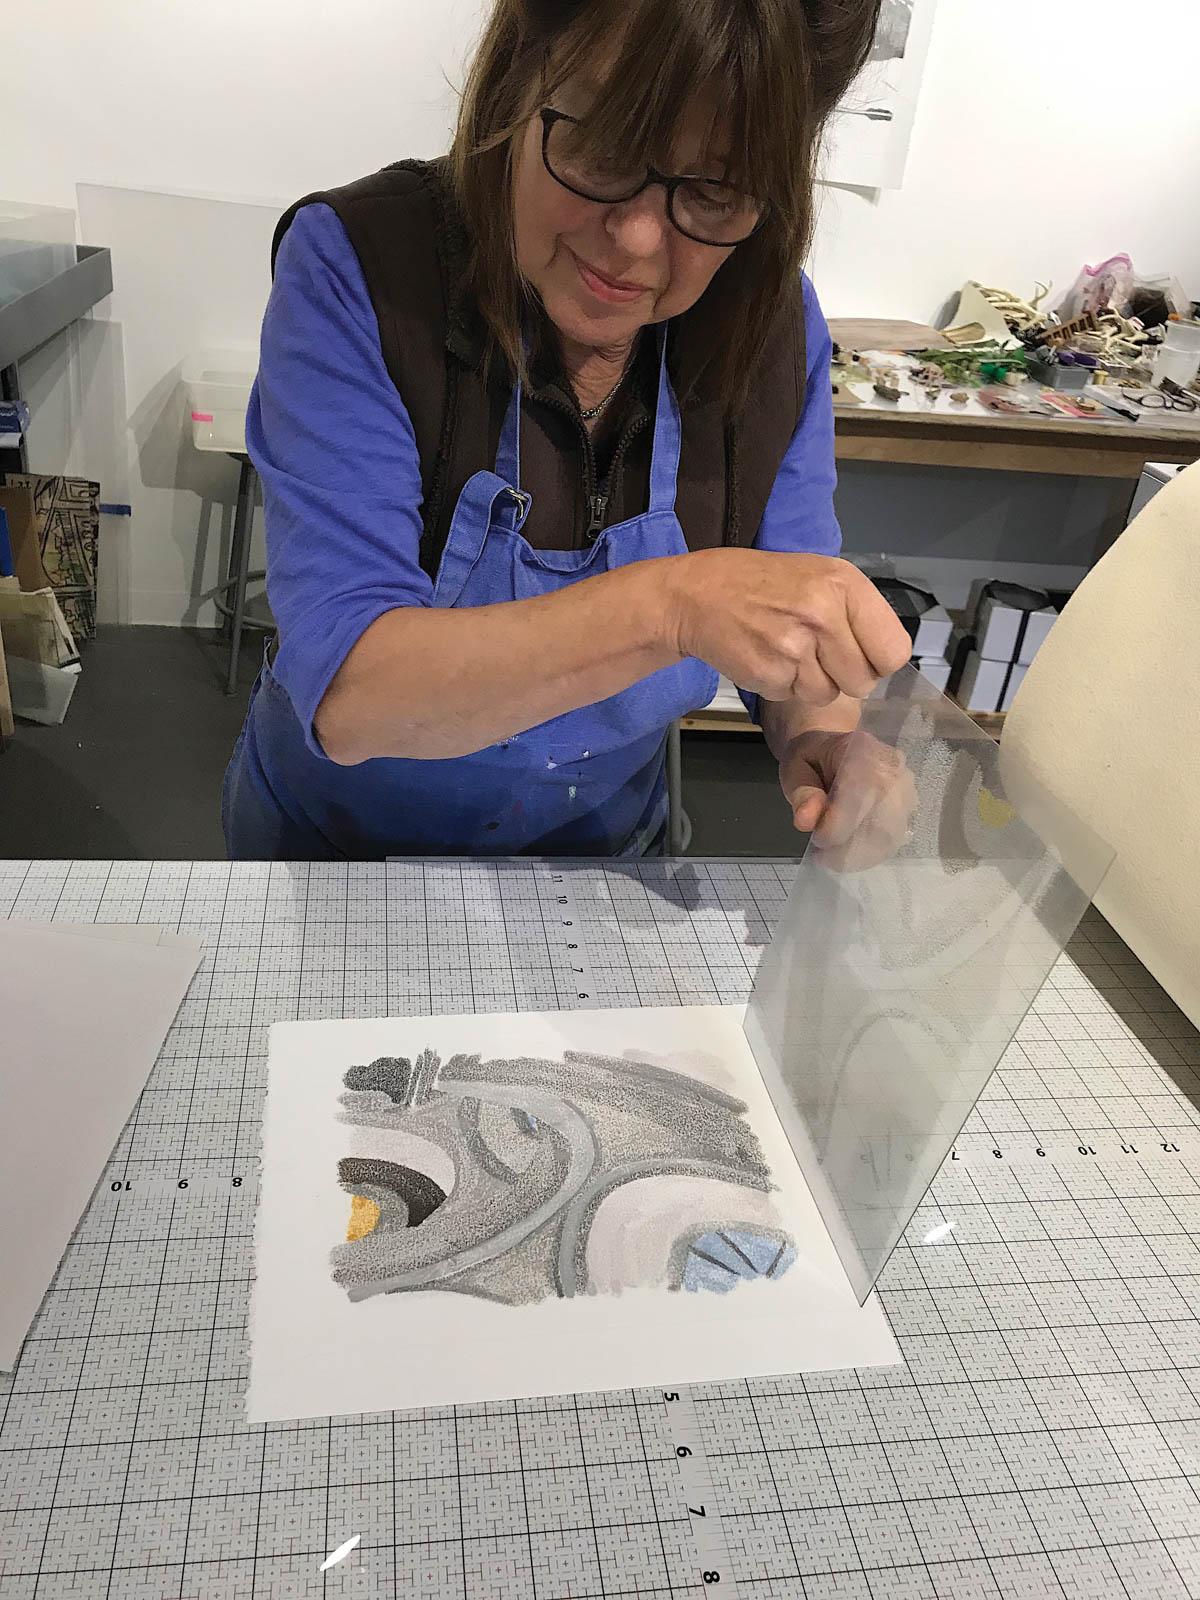 Denise Markbreit, artist